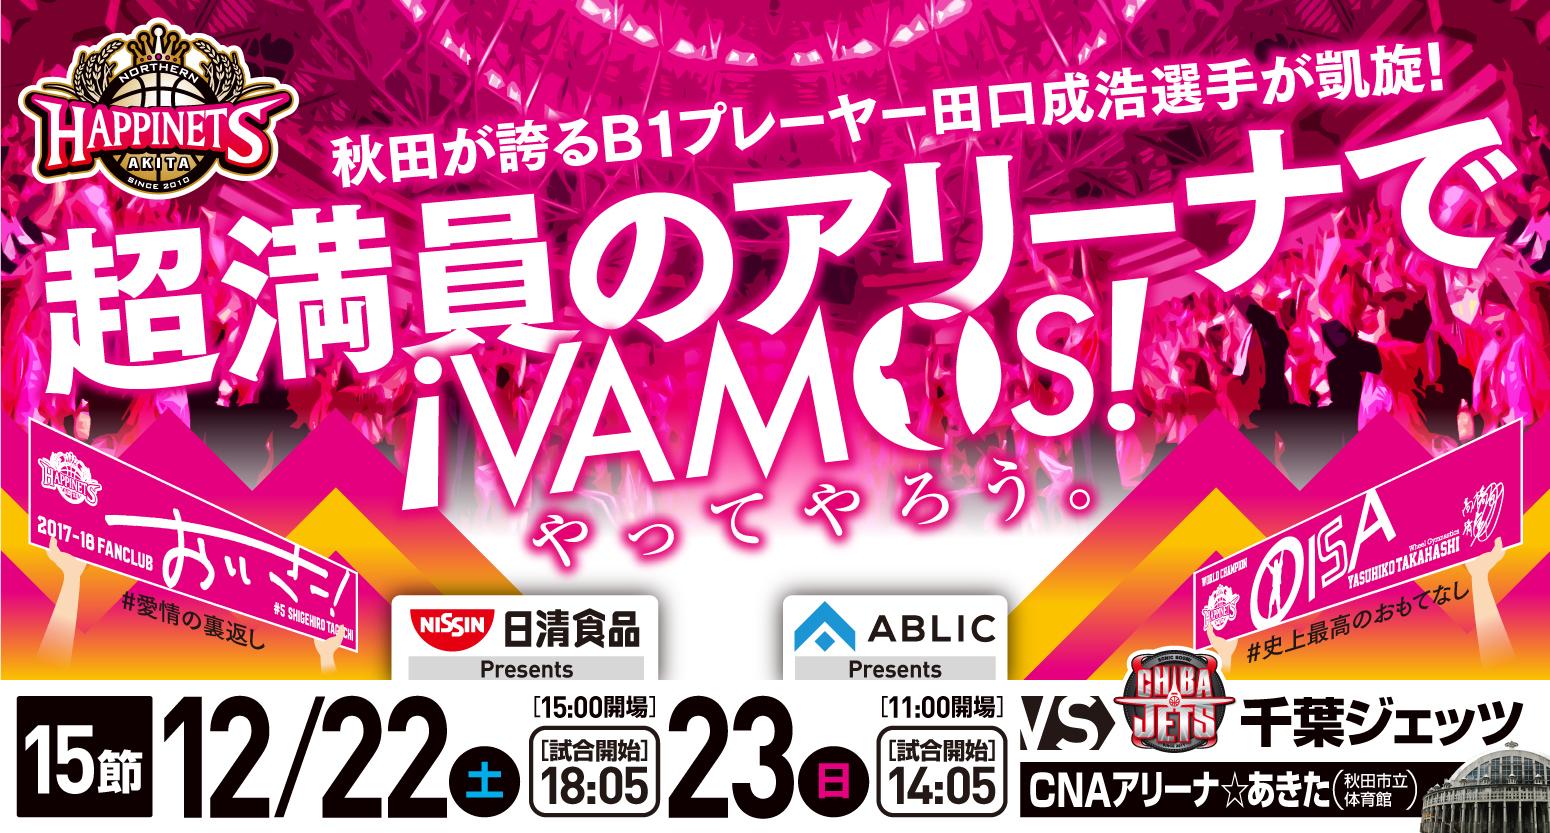 秋田ノーザンハピネッツは12月22日、23日に「ハッピーワクワククリスマス」を開催する